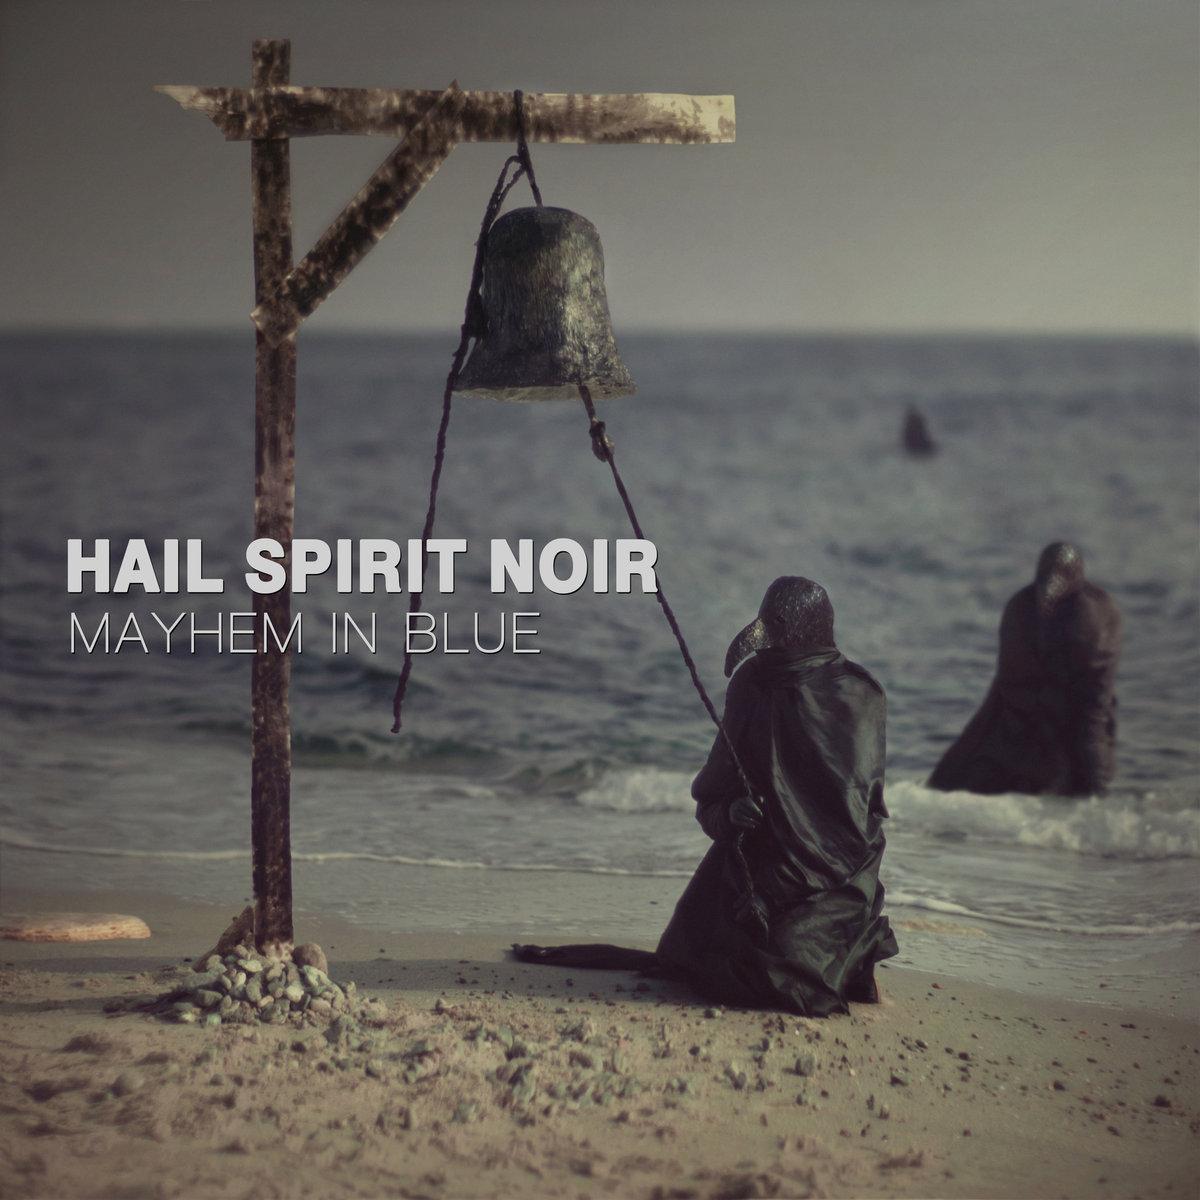 Hail Spirit Noir - Mayhem in Blue